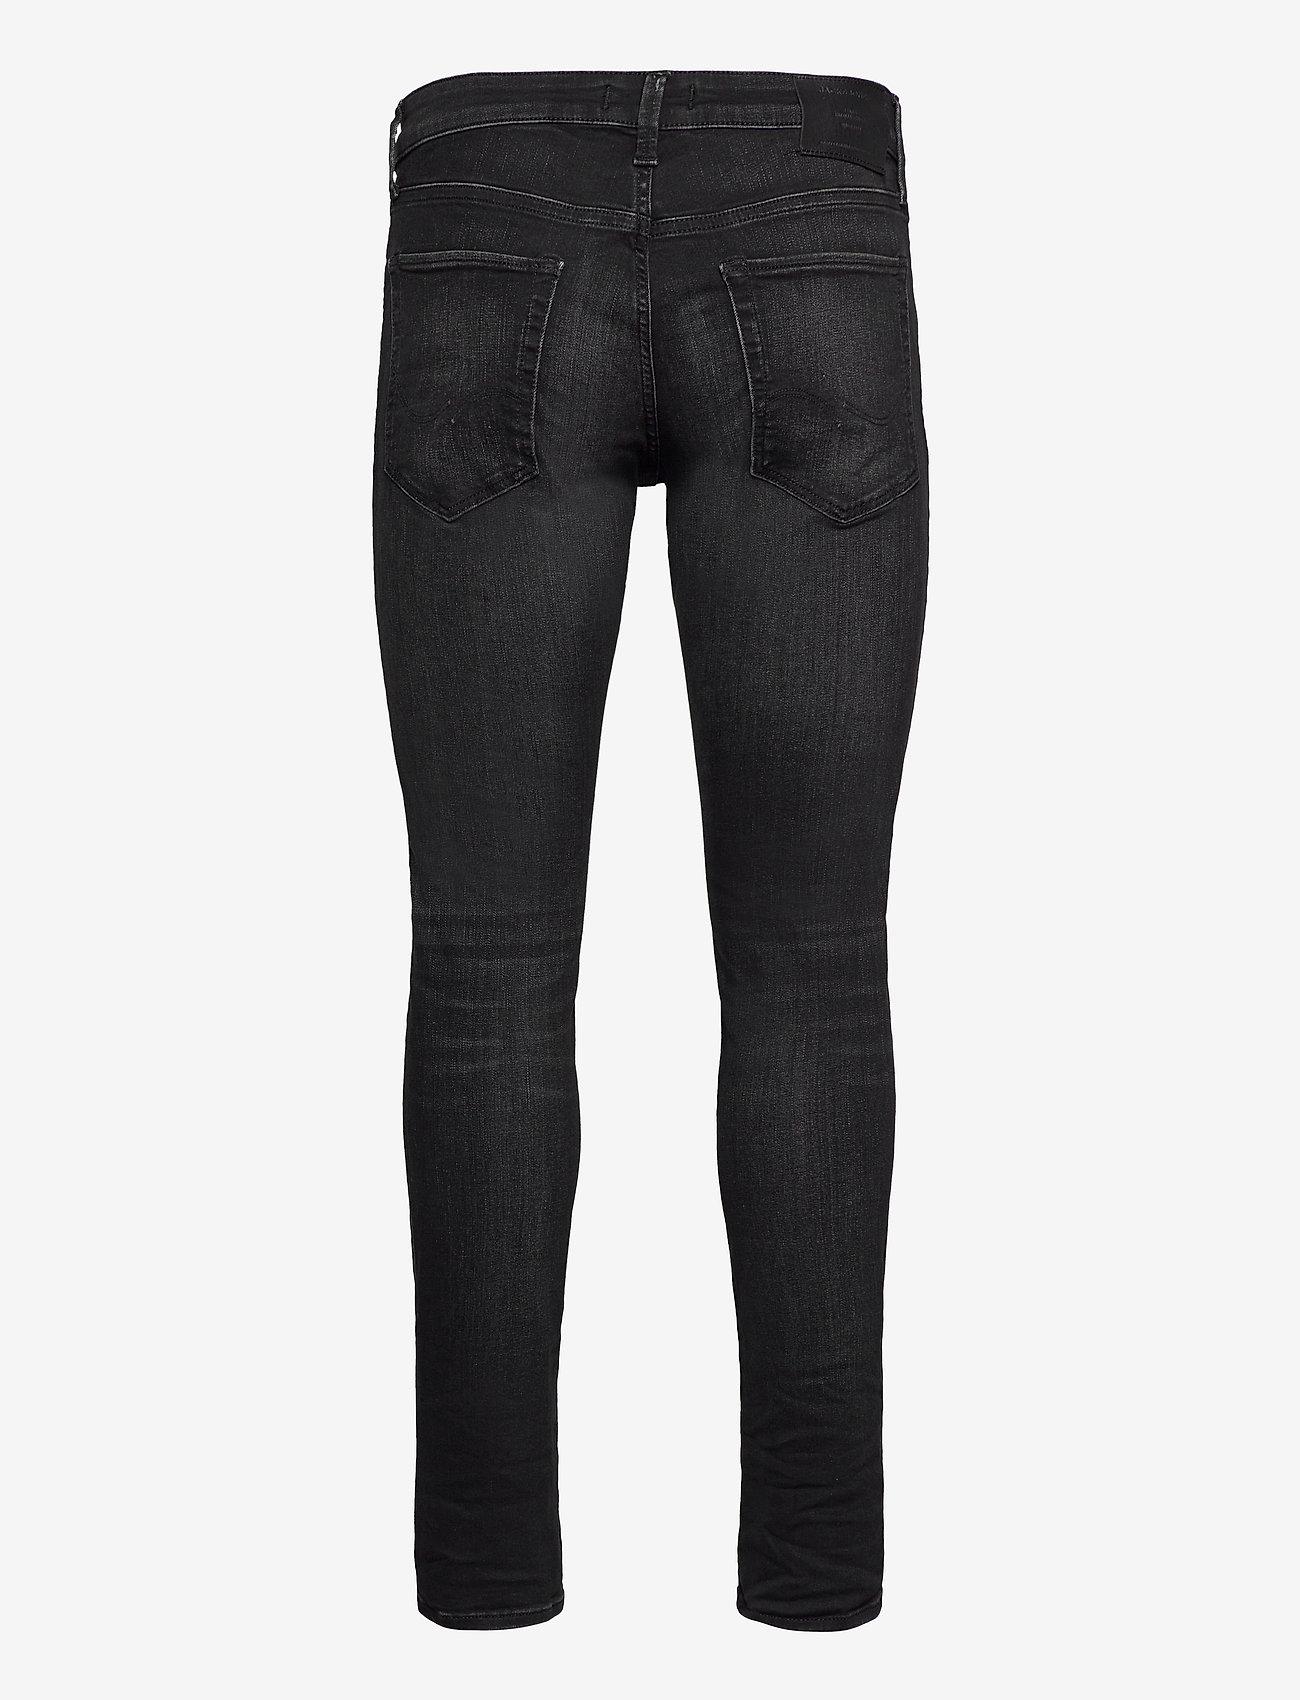 Jack & Jones - JJIGLENN JJICON JJ 557 50SPS NOOS - slim jeans - black denim - 1